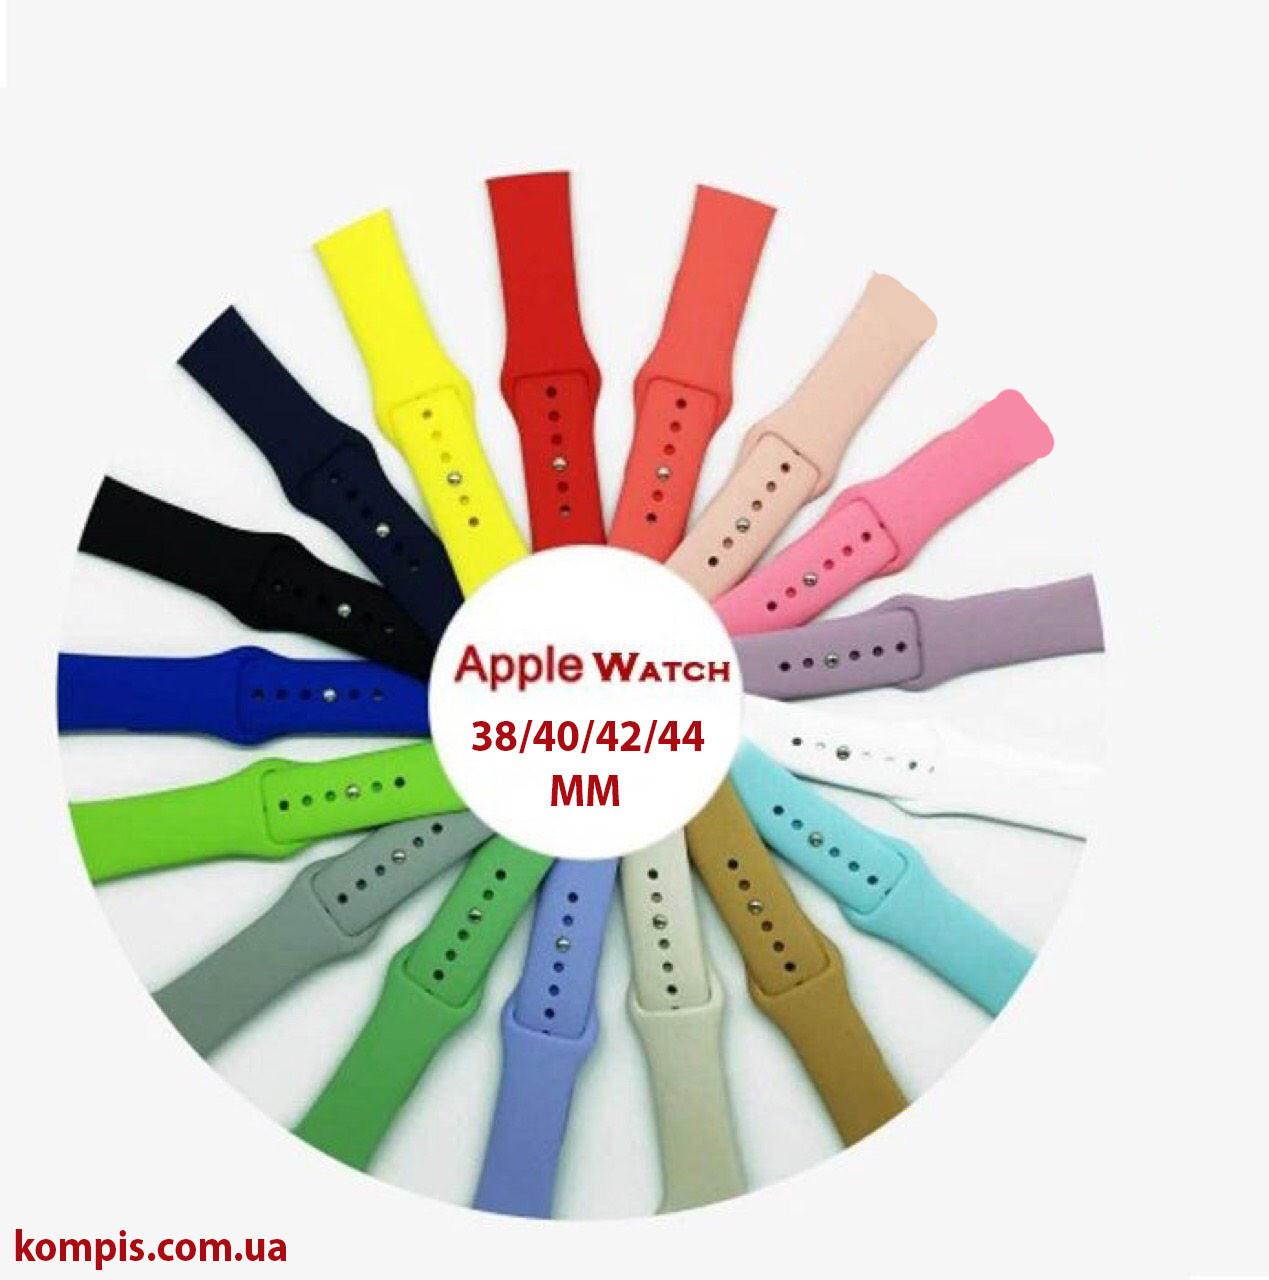 Ремешок для Apple Watch Series 1/2/3/4, 38/40/42/44 мм силиконовый браслет